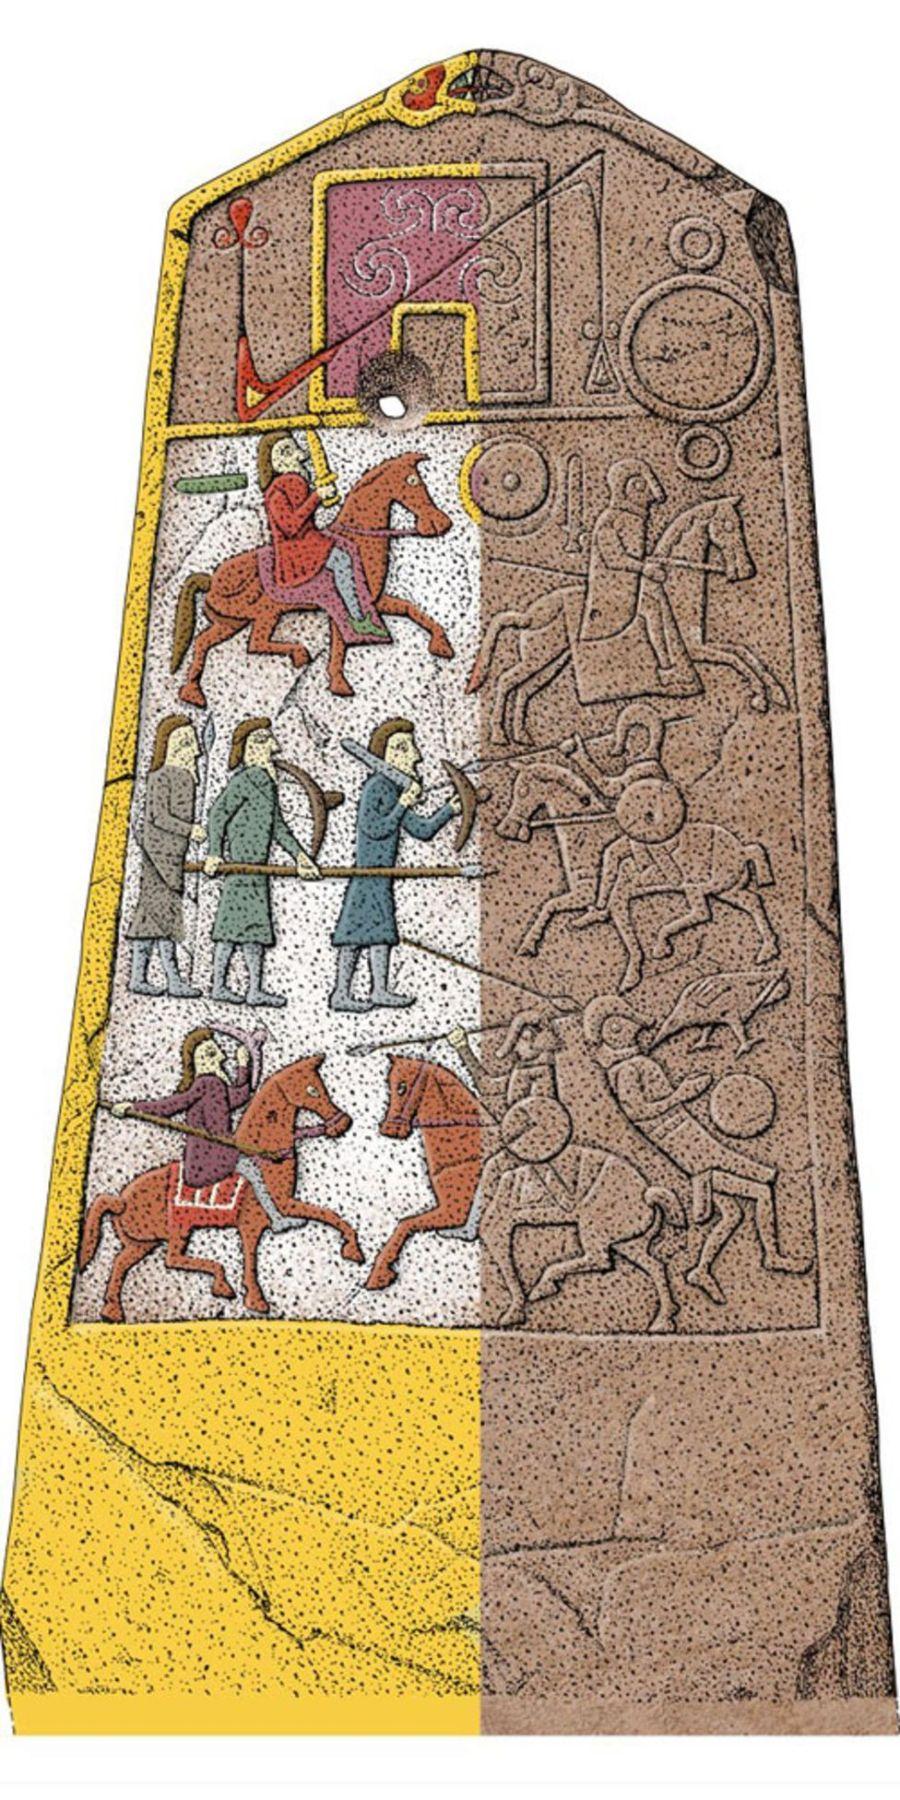 La ricostruzione a colori della Pietra di Aberlemno, con la raffigurazione della battaglia di Dun Nechtain avvenuta nel 685 AD. (Foto: Historic Environment Scotland)